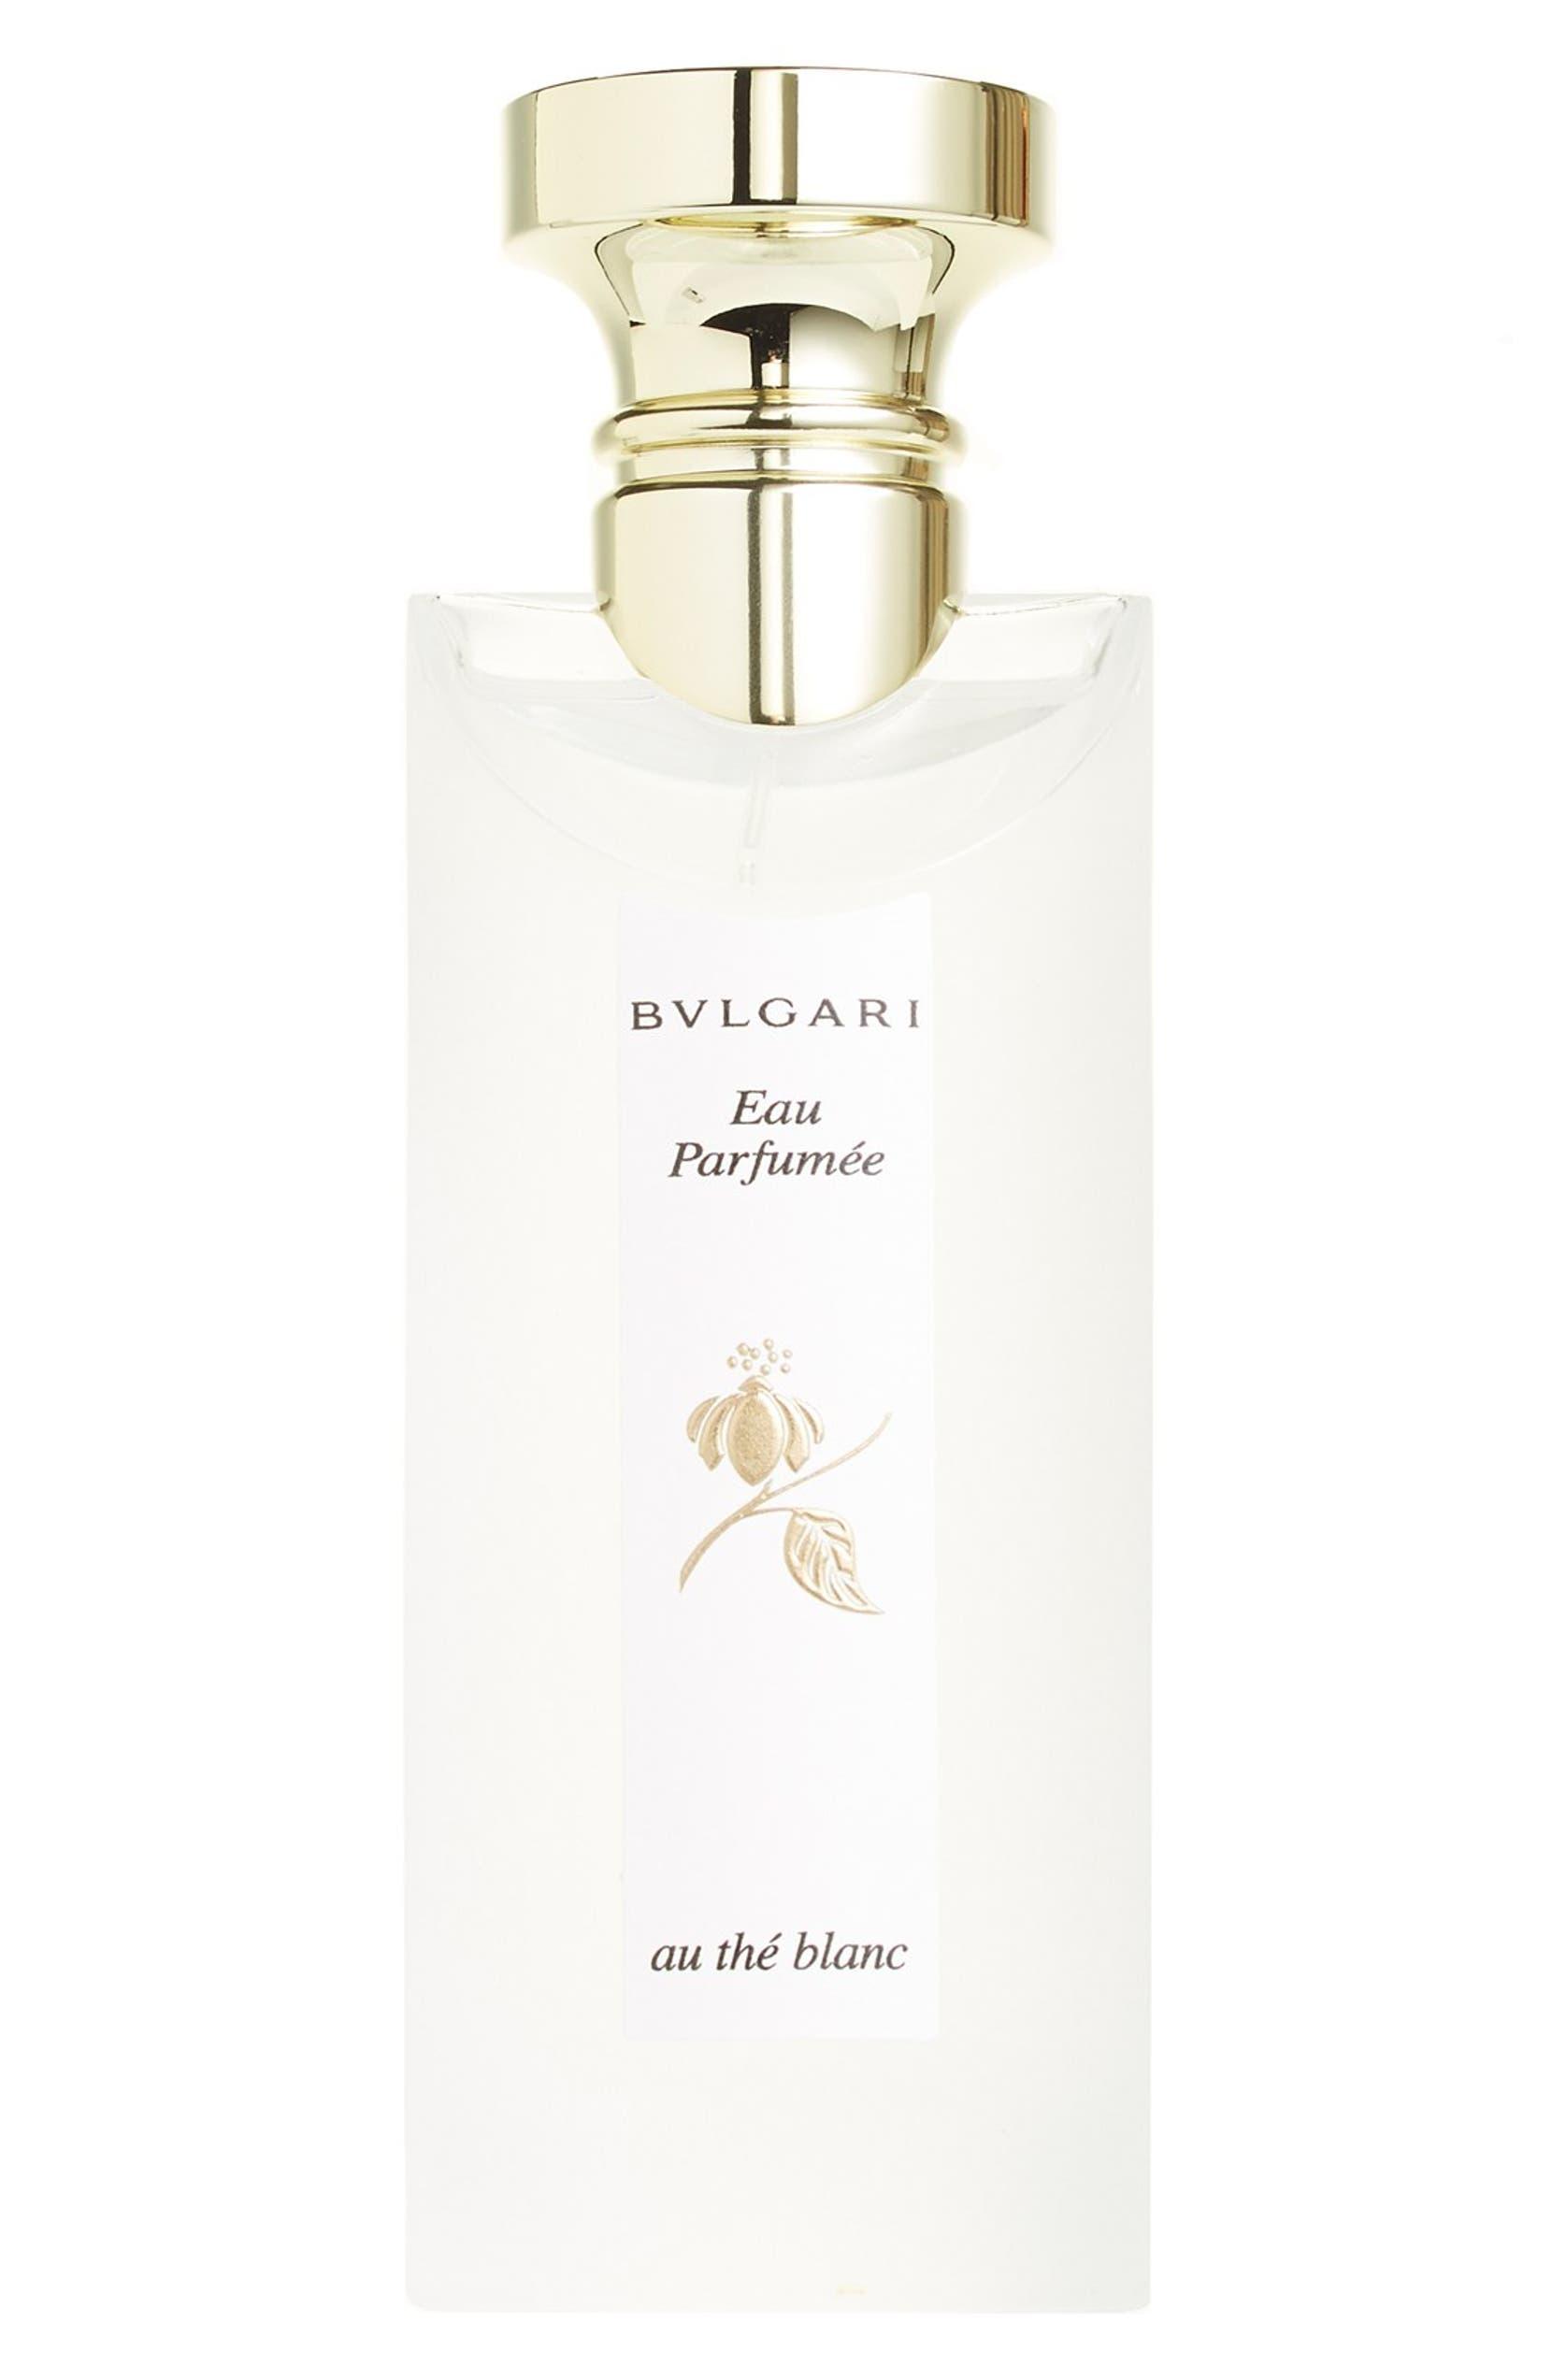 c7584833e4f BVLGARI  Eau Parfumée au thé blanc  Eau de Cologne Spray